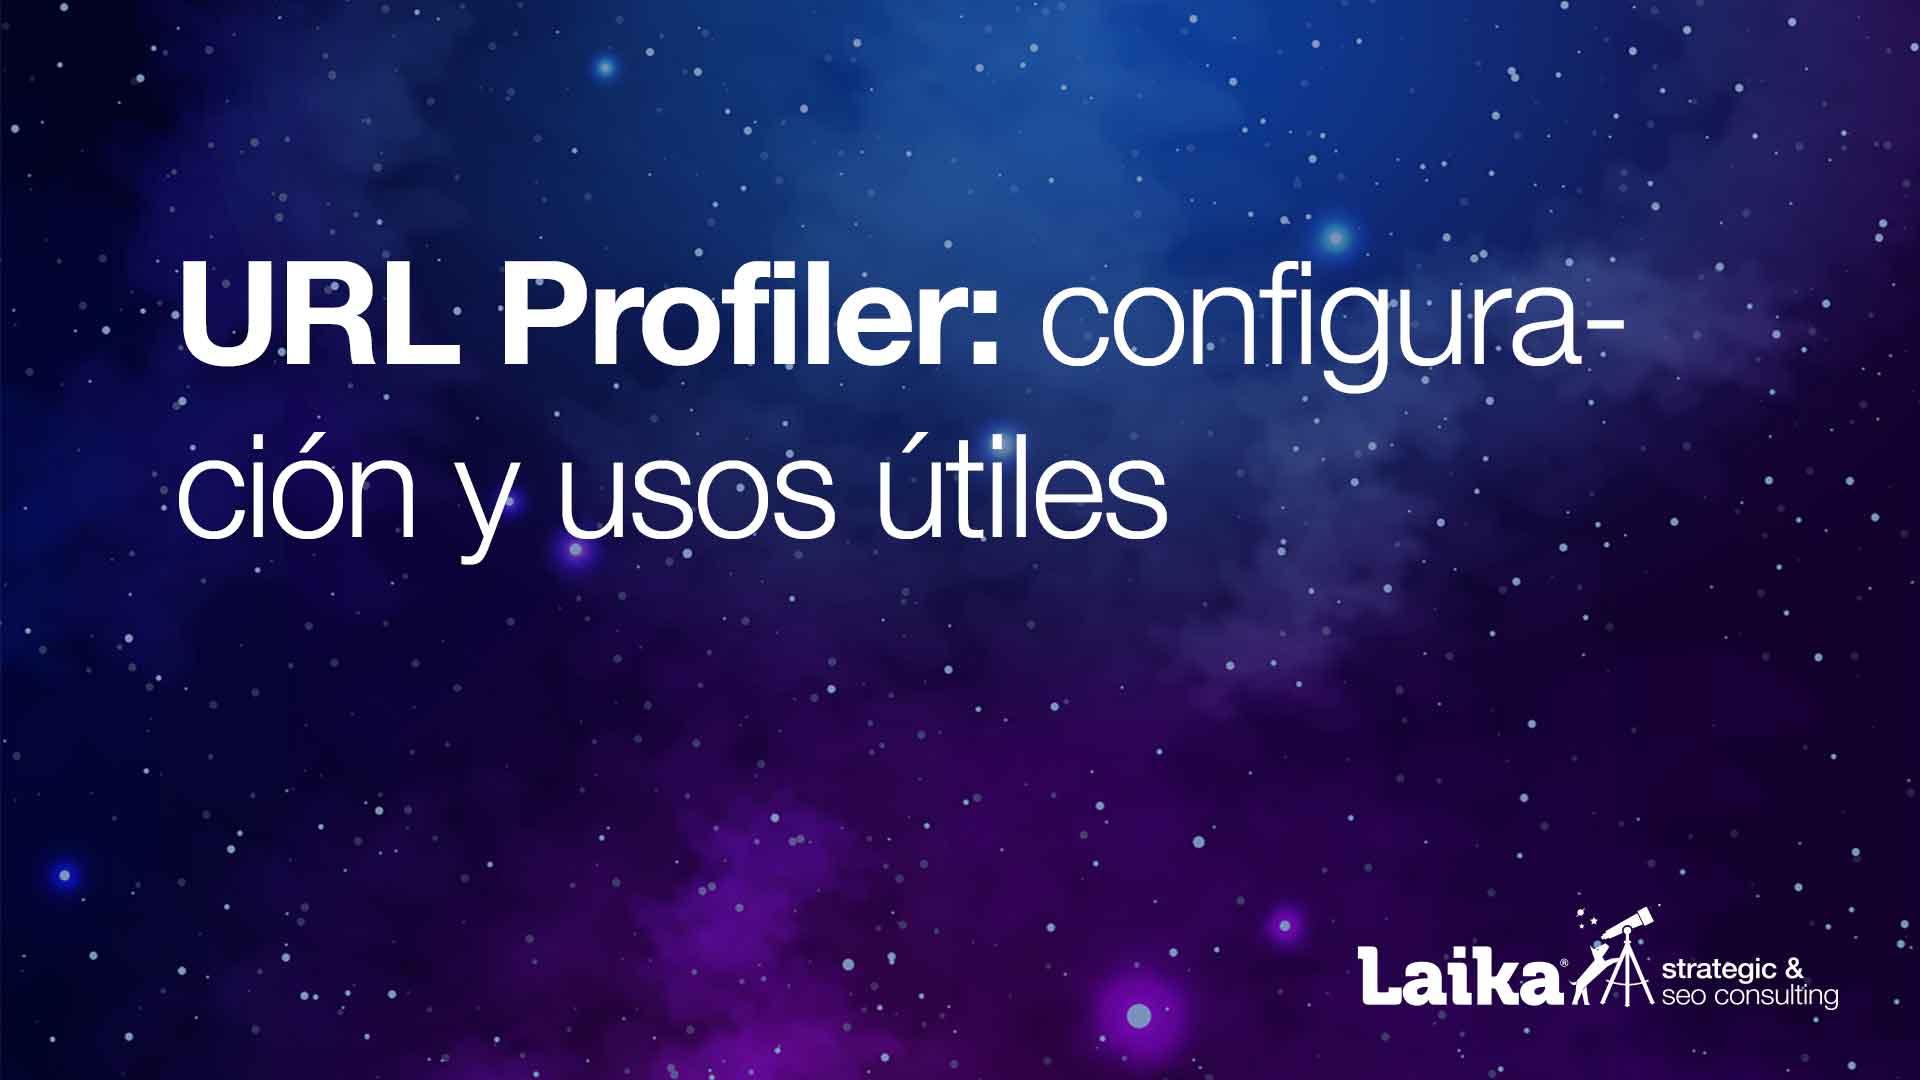 URL Profiler: configuración y usos útiles